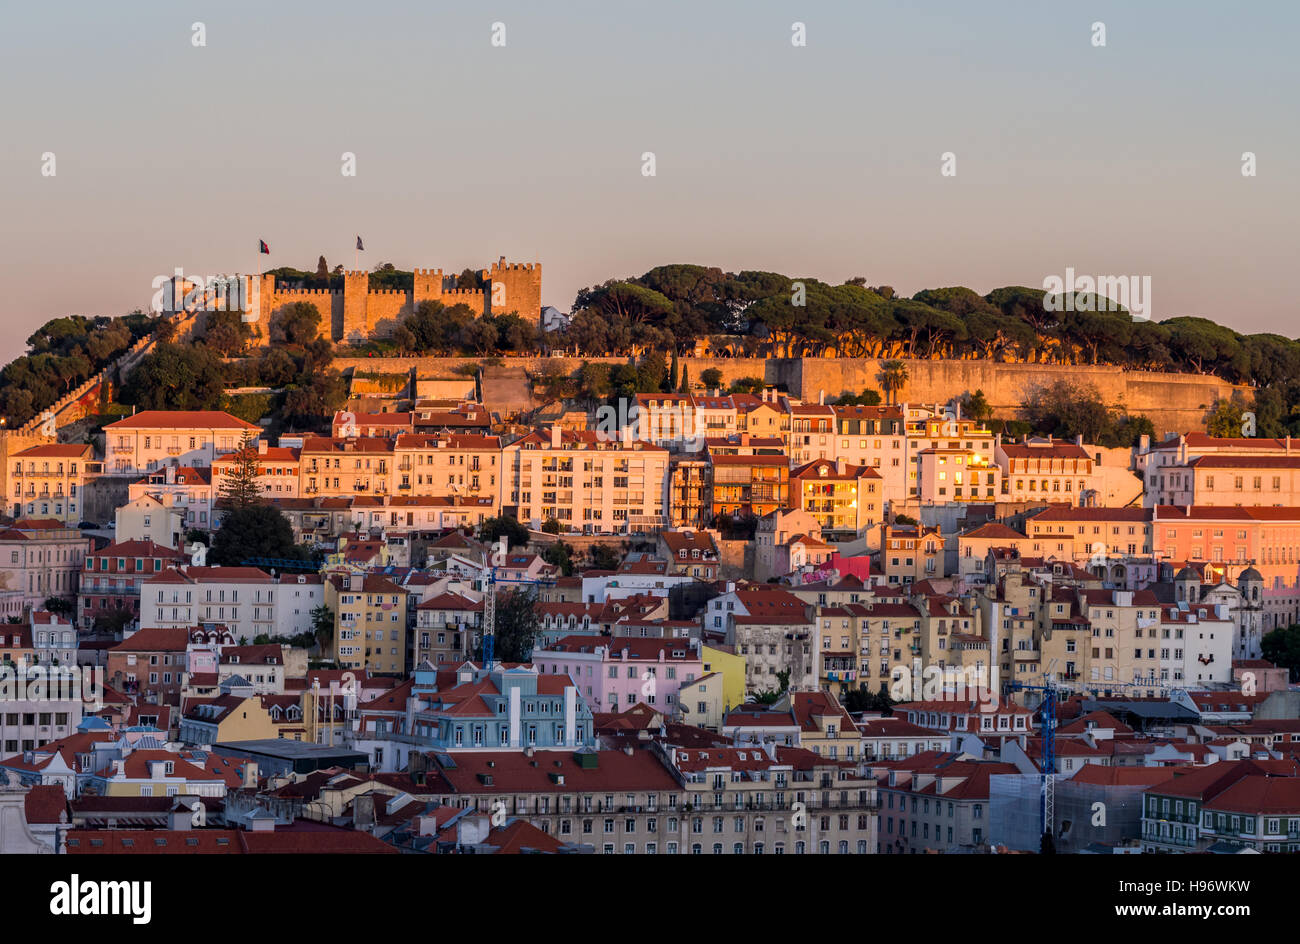 Stadtbild von Lissabon, mit dem Sao Jorge Castle von Miradouro Sao Pedro de Alcantara bei Sonnenuntergang gesehen. Stockbild